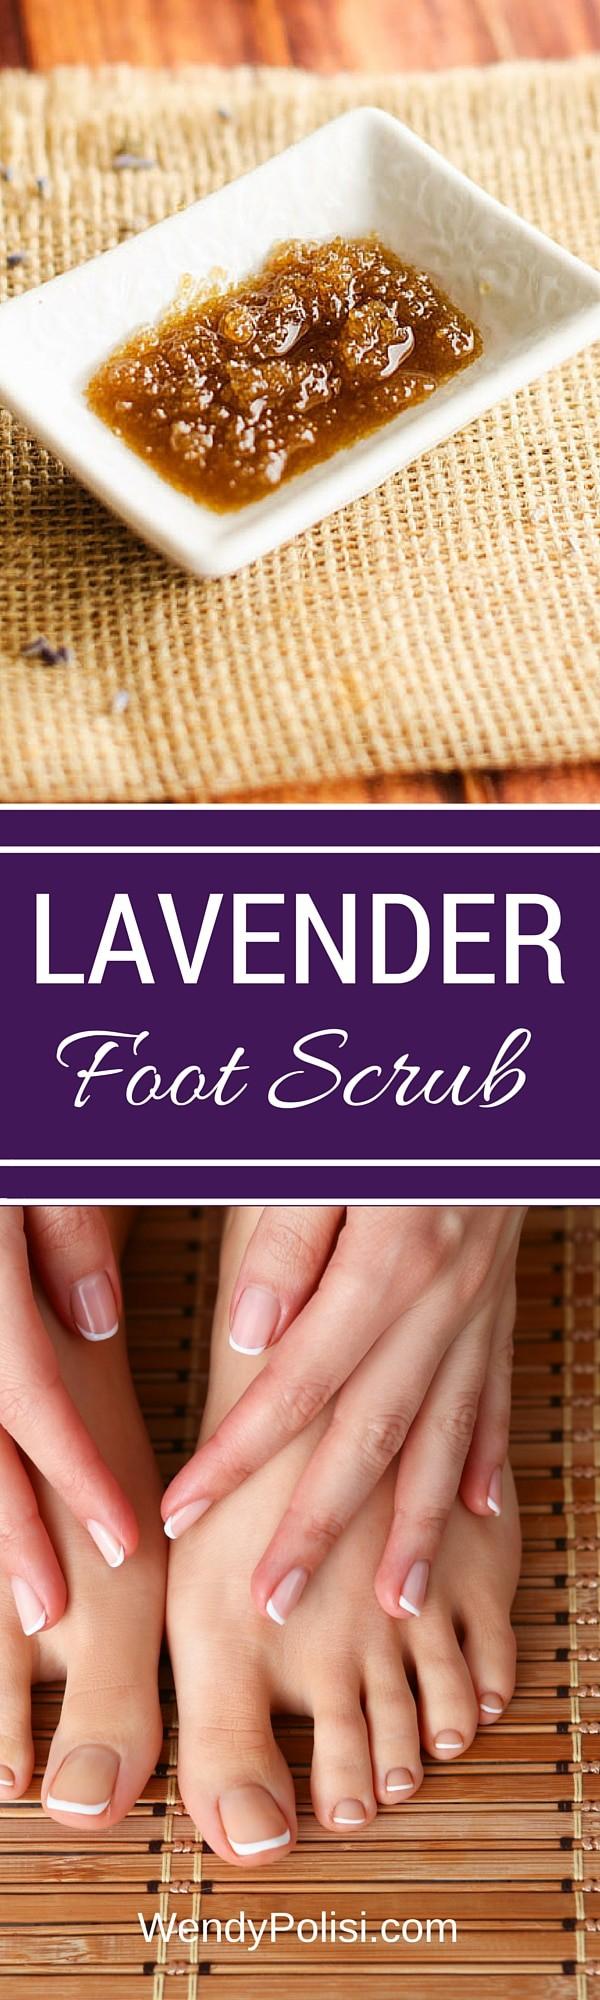 DIY Lavender Foot Scrub